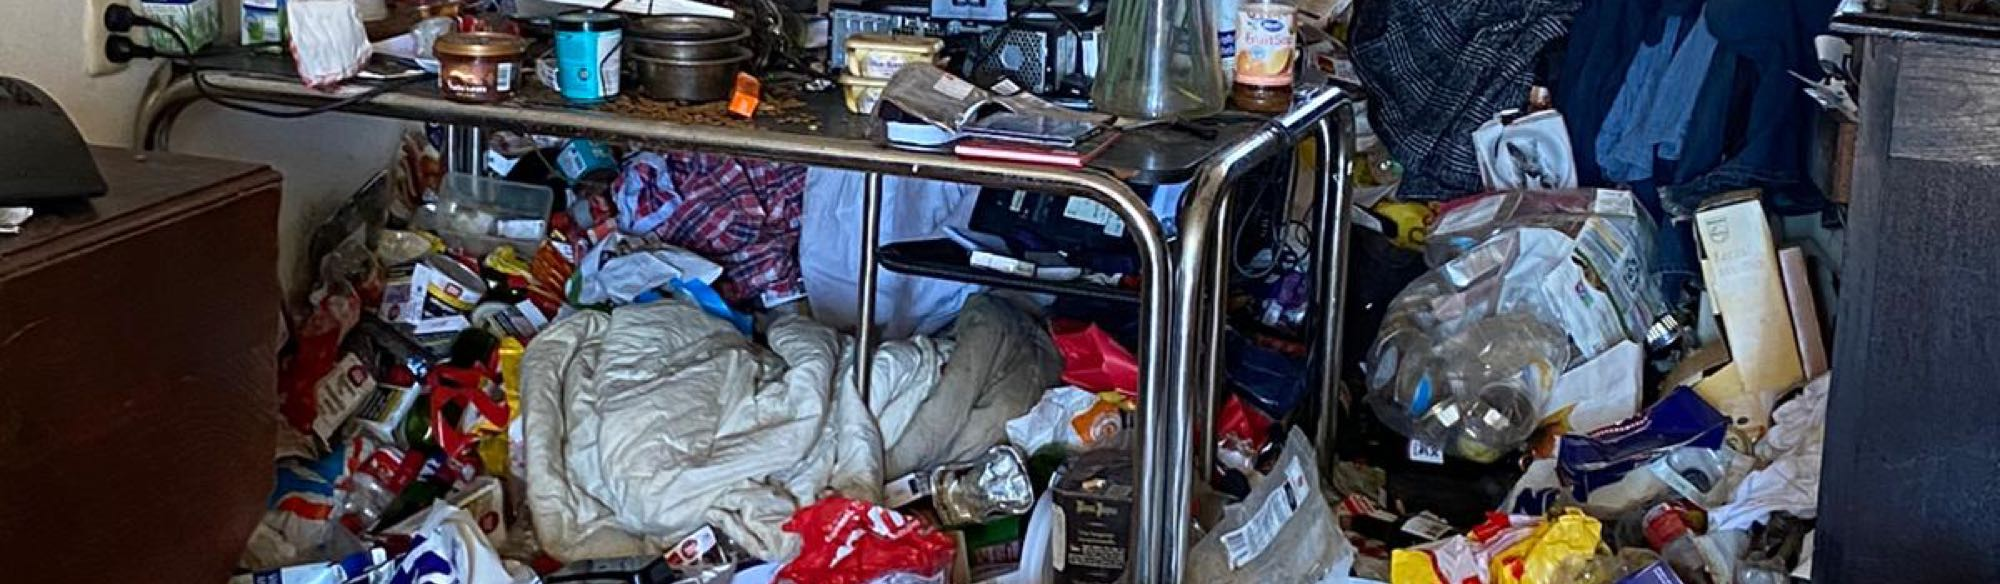 vervuilde woning ontruimen uitgelicht